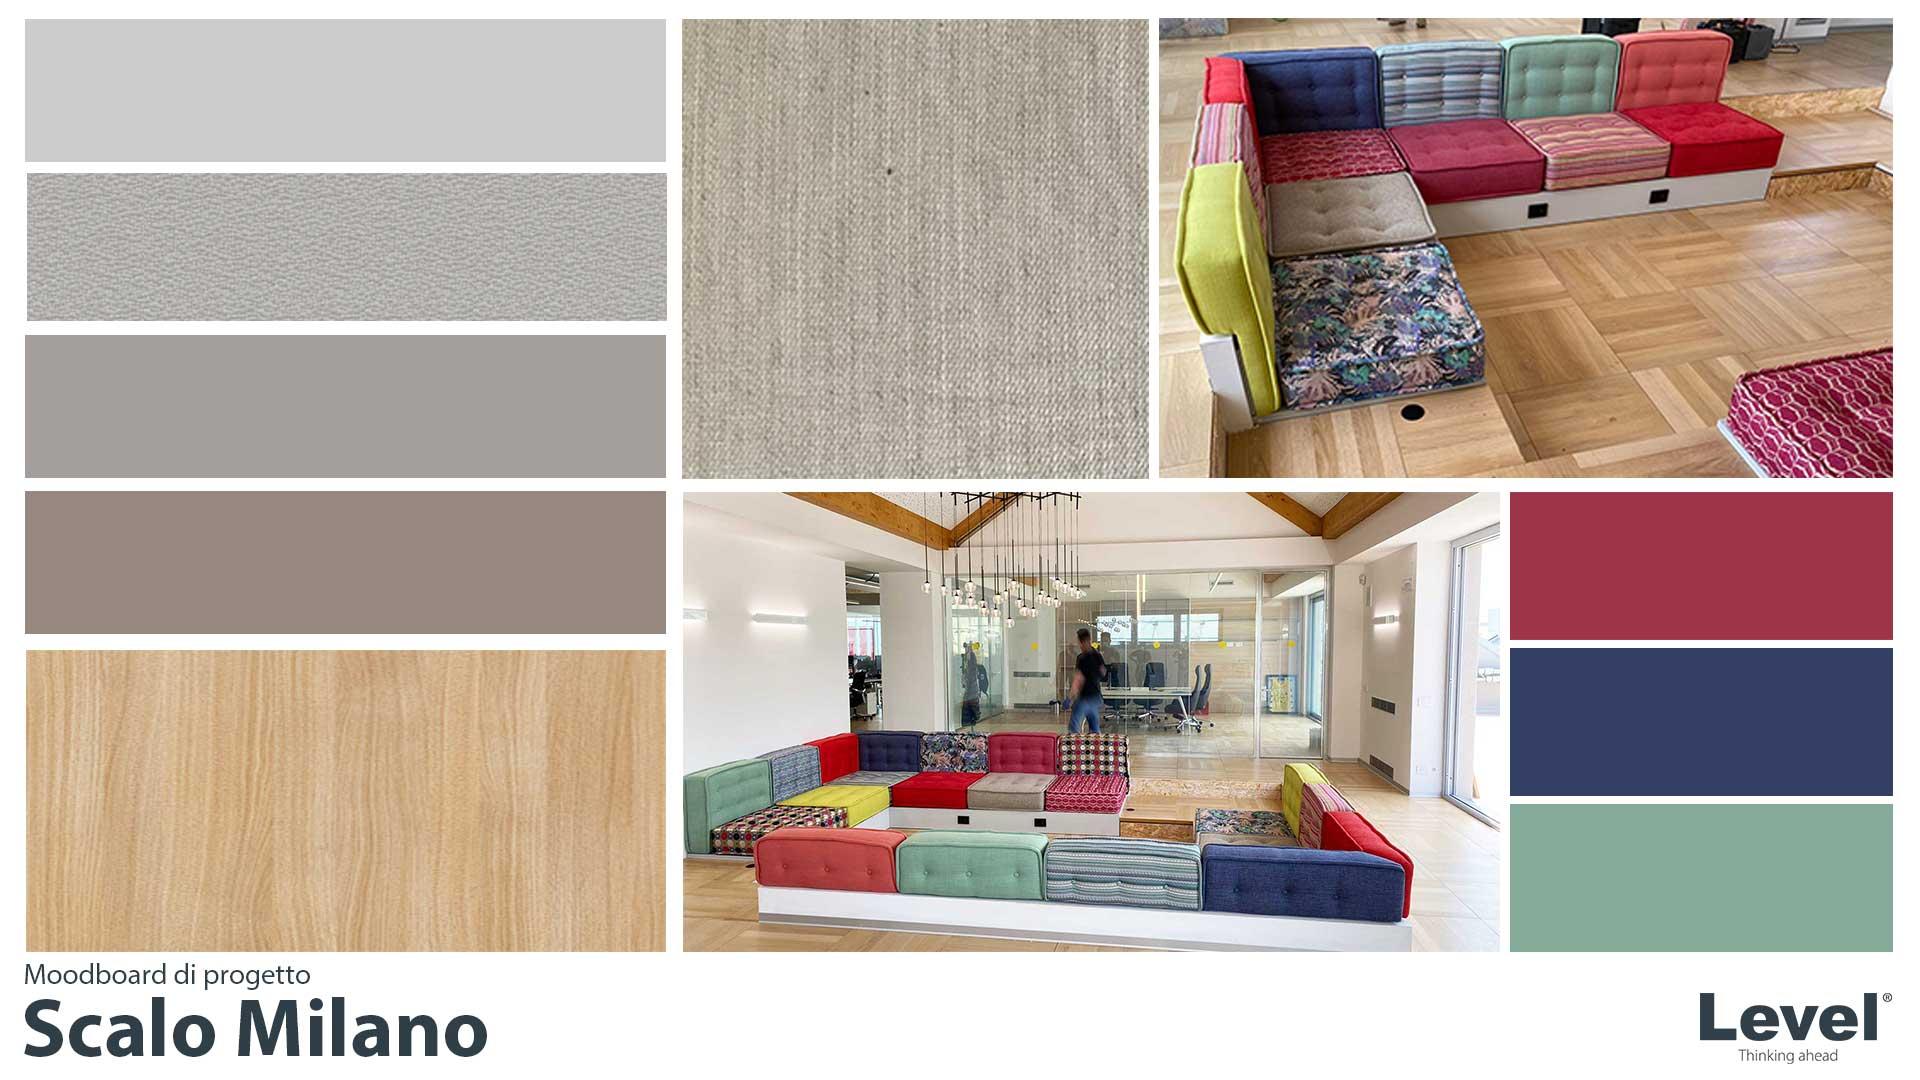 Vetri-a-trasparenza-variabile-Scalo-Milano-moodboard-Level-Office-Landscape